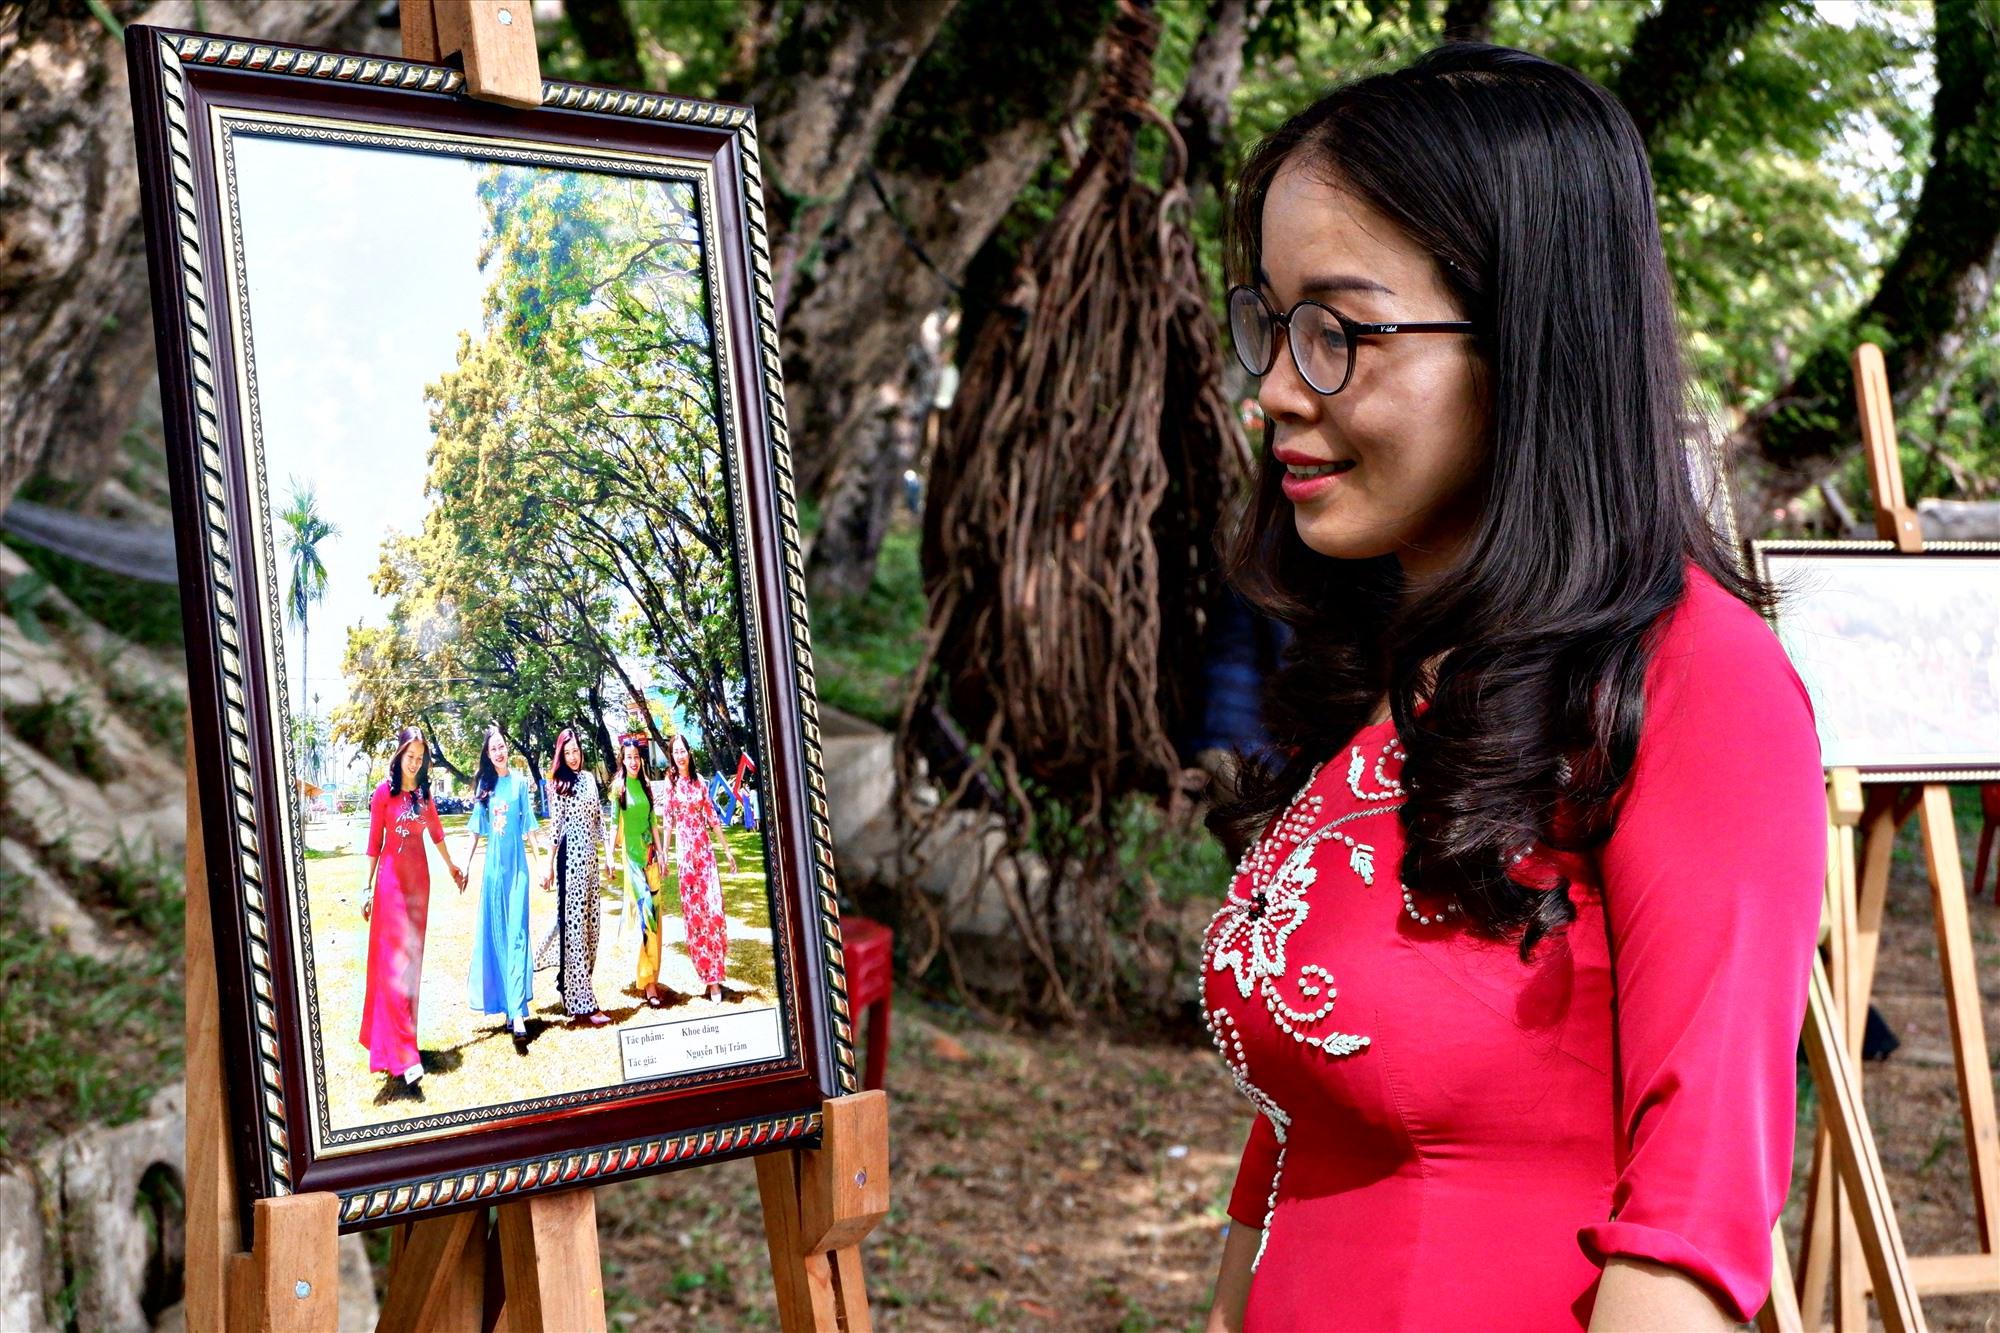 Tác giả Nguyễn Thị Trâm đạt giải Nhì tại cuộc thi. Ảnh: X.H